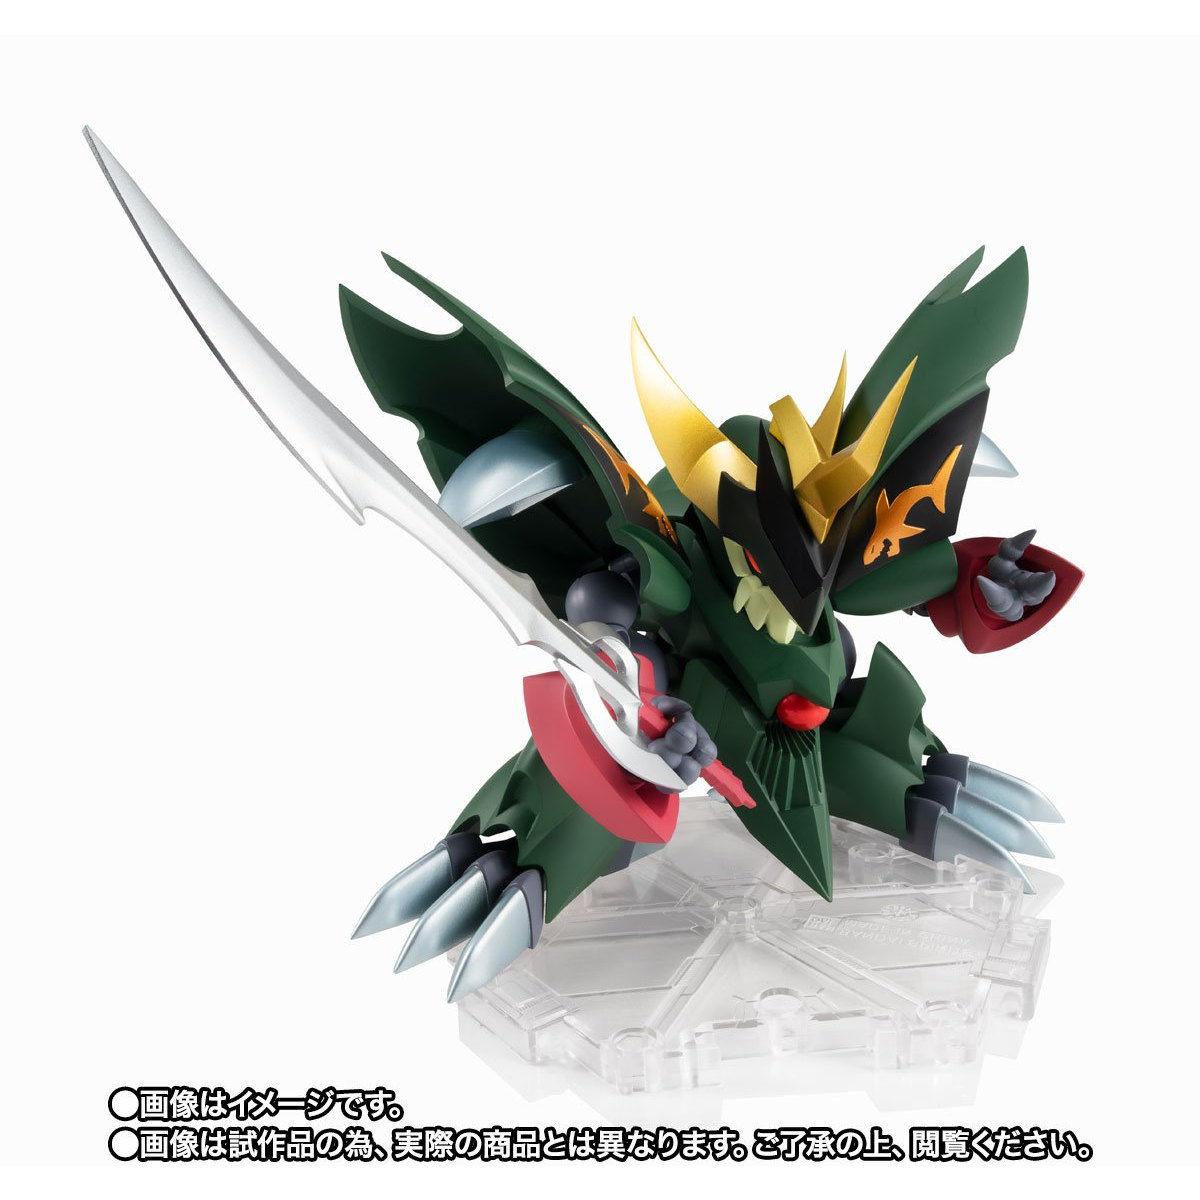 【限定販売】NXEDGE STYLE[MASHIN UNIT]『真・夏鬼丸』魔神英雄伝ワタル2 可動フィギュア-006